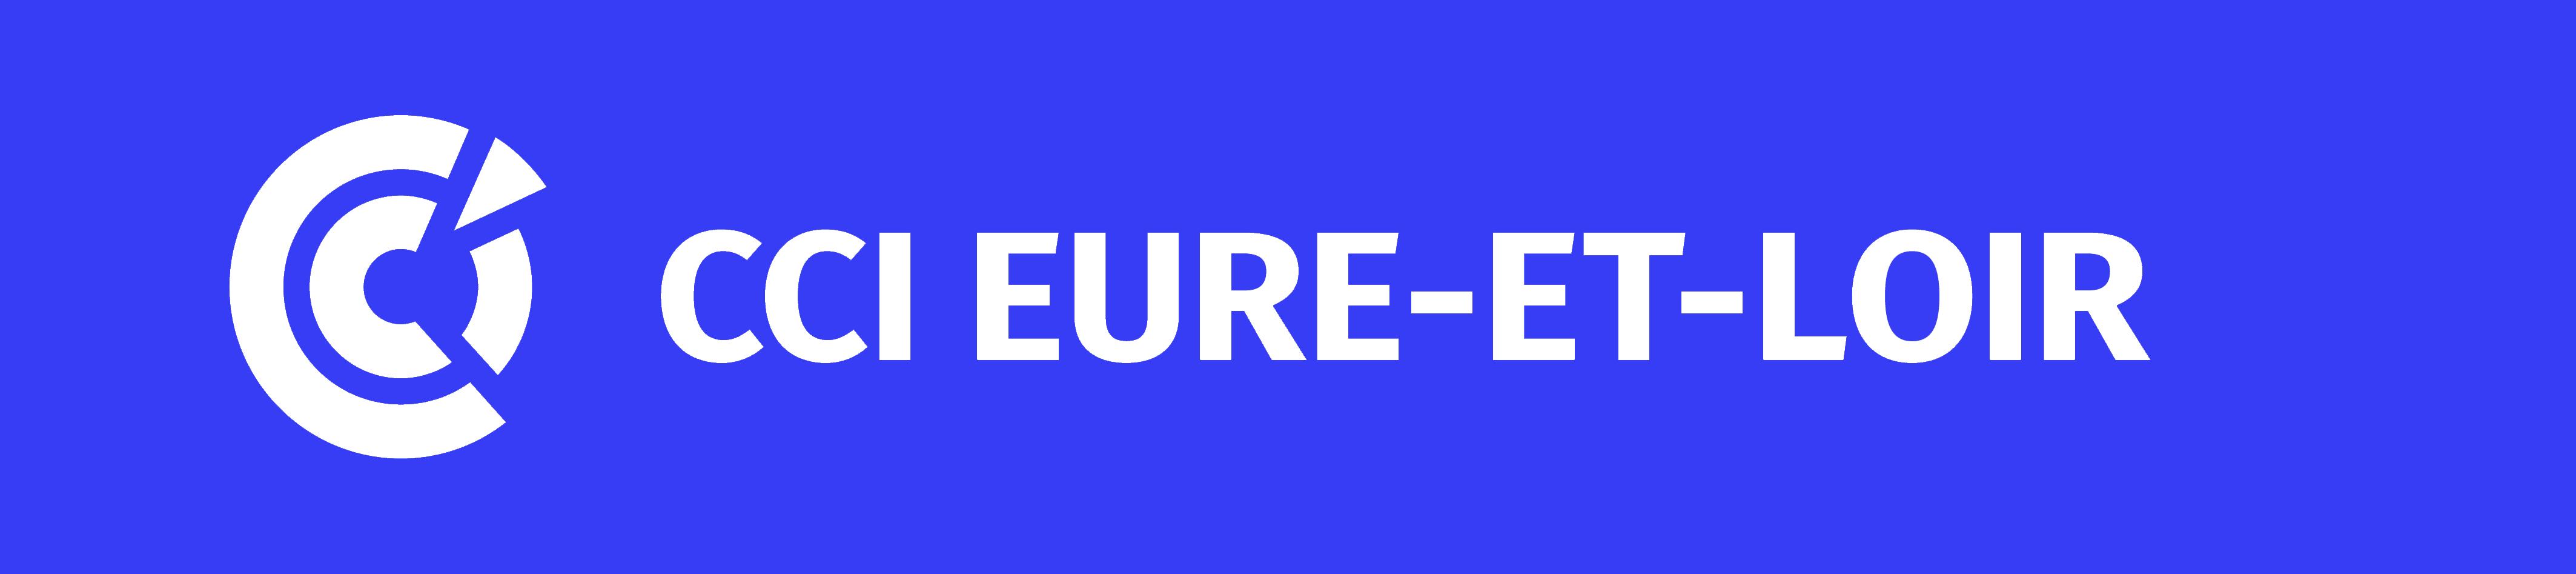 CCI Eure-et-Loir